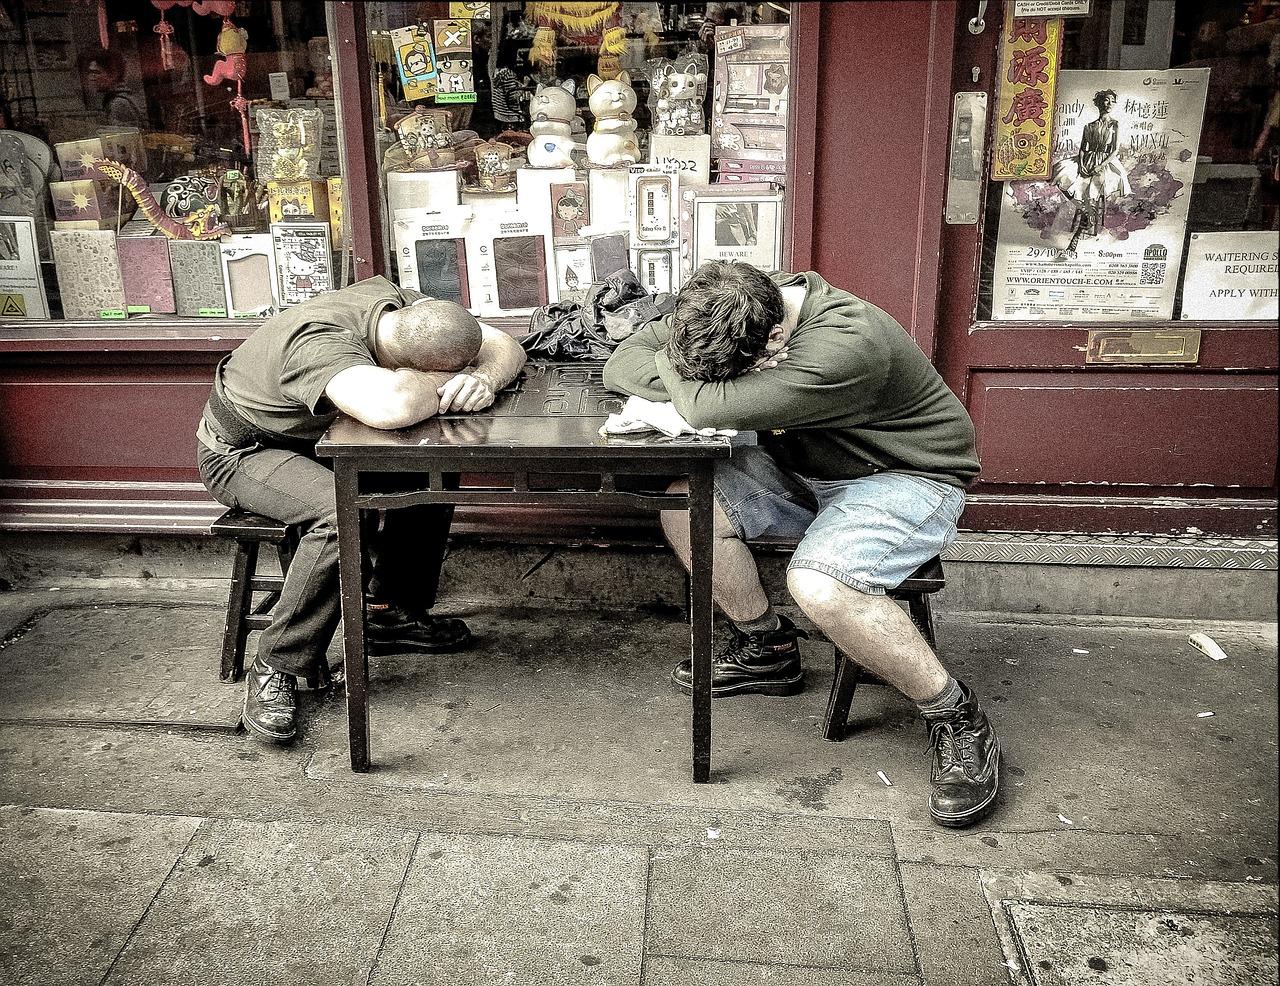 瞬, 眠っている, 居眠り, 睡眠, 眠り, ワーカー, 仕事, シエスタ, Nap, 疲れて, 男, 男性